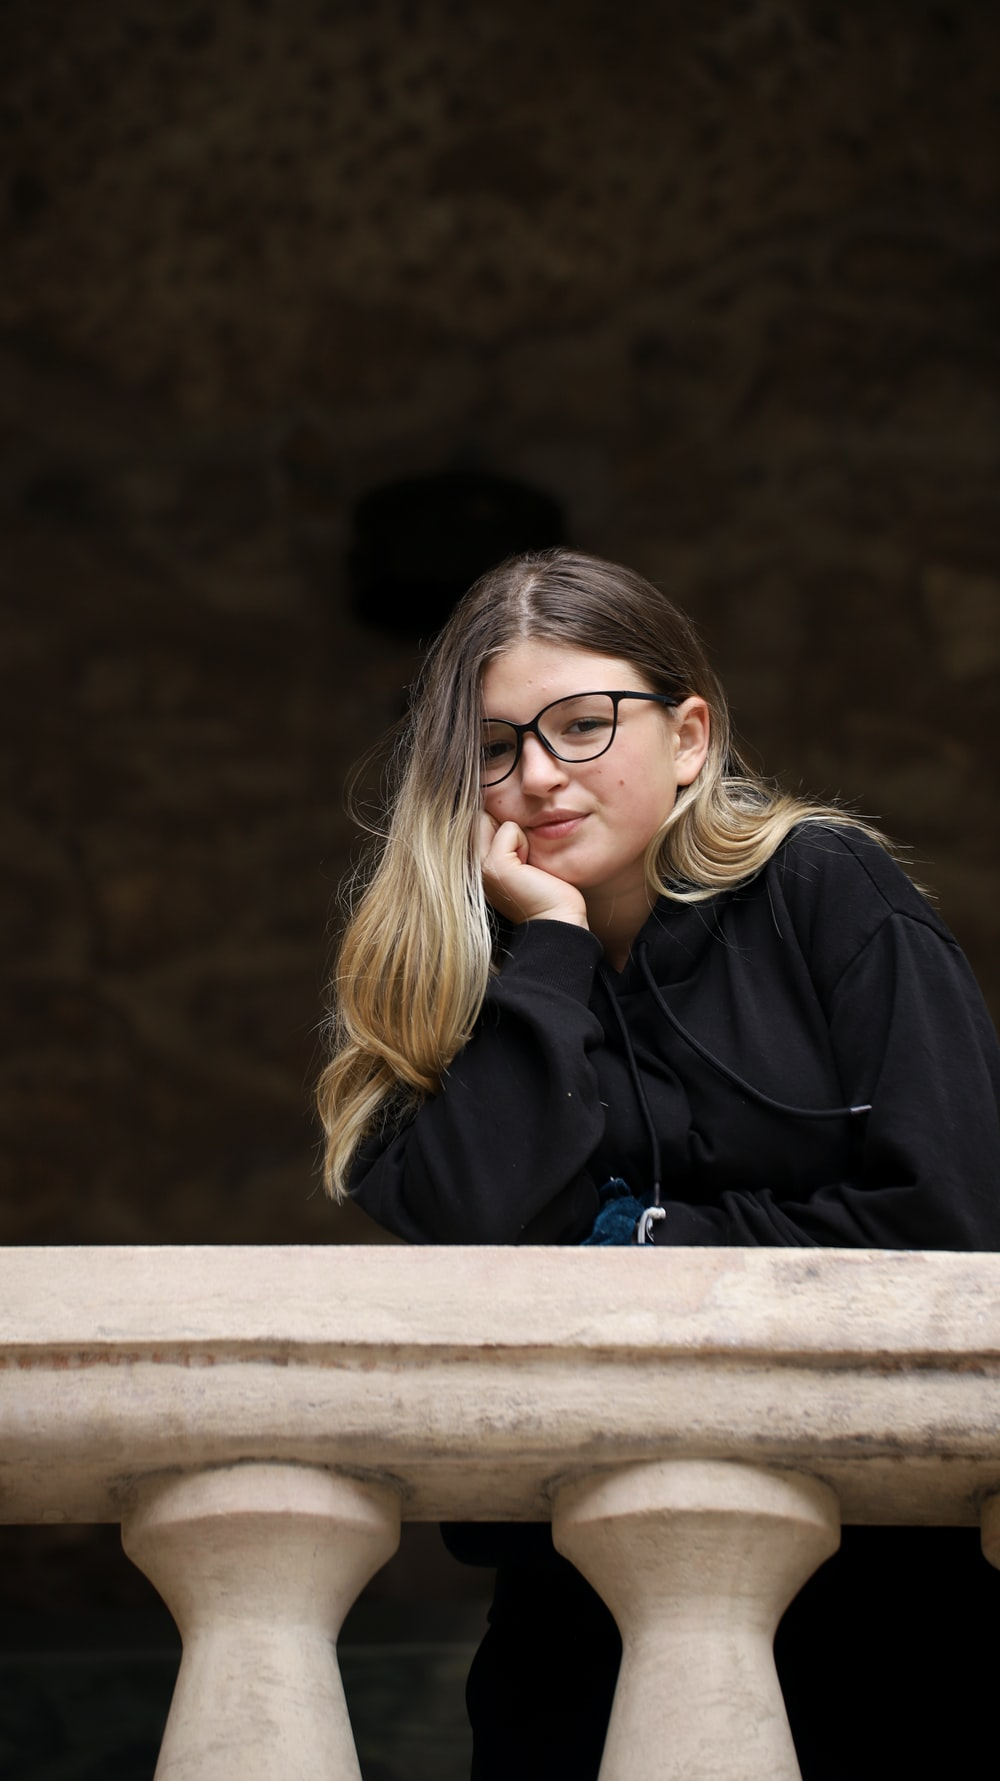 woman in black jacket wearing eyeglasses